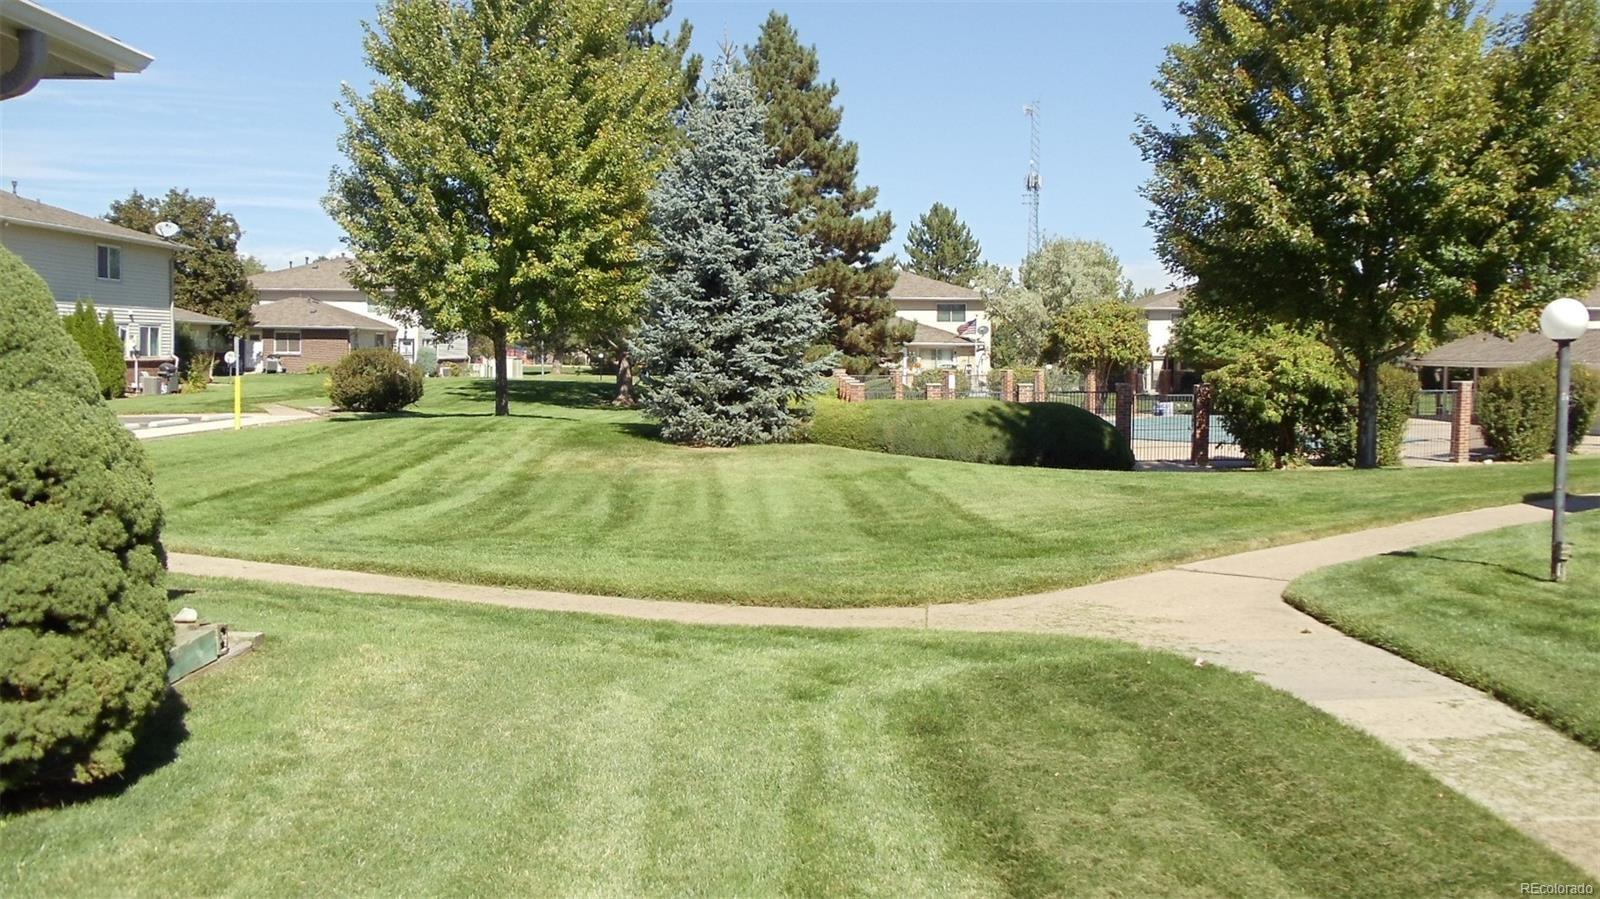 MLS# 1653475 - 2 - 3354 S Flower Street #67, Lakewood, CO 80227